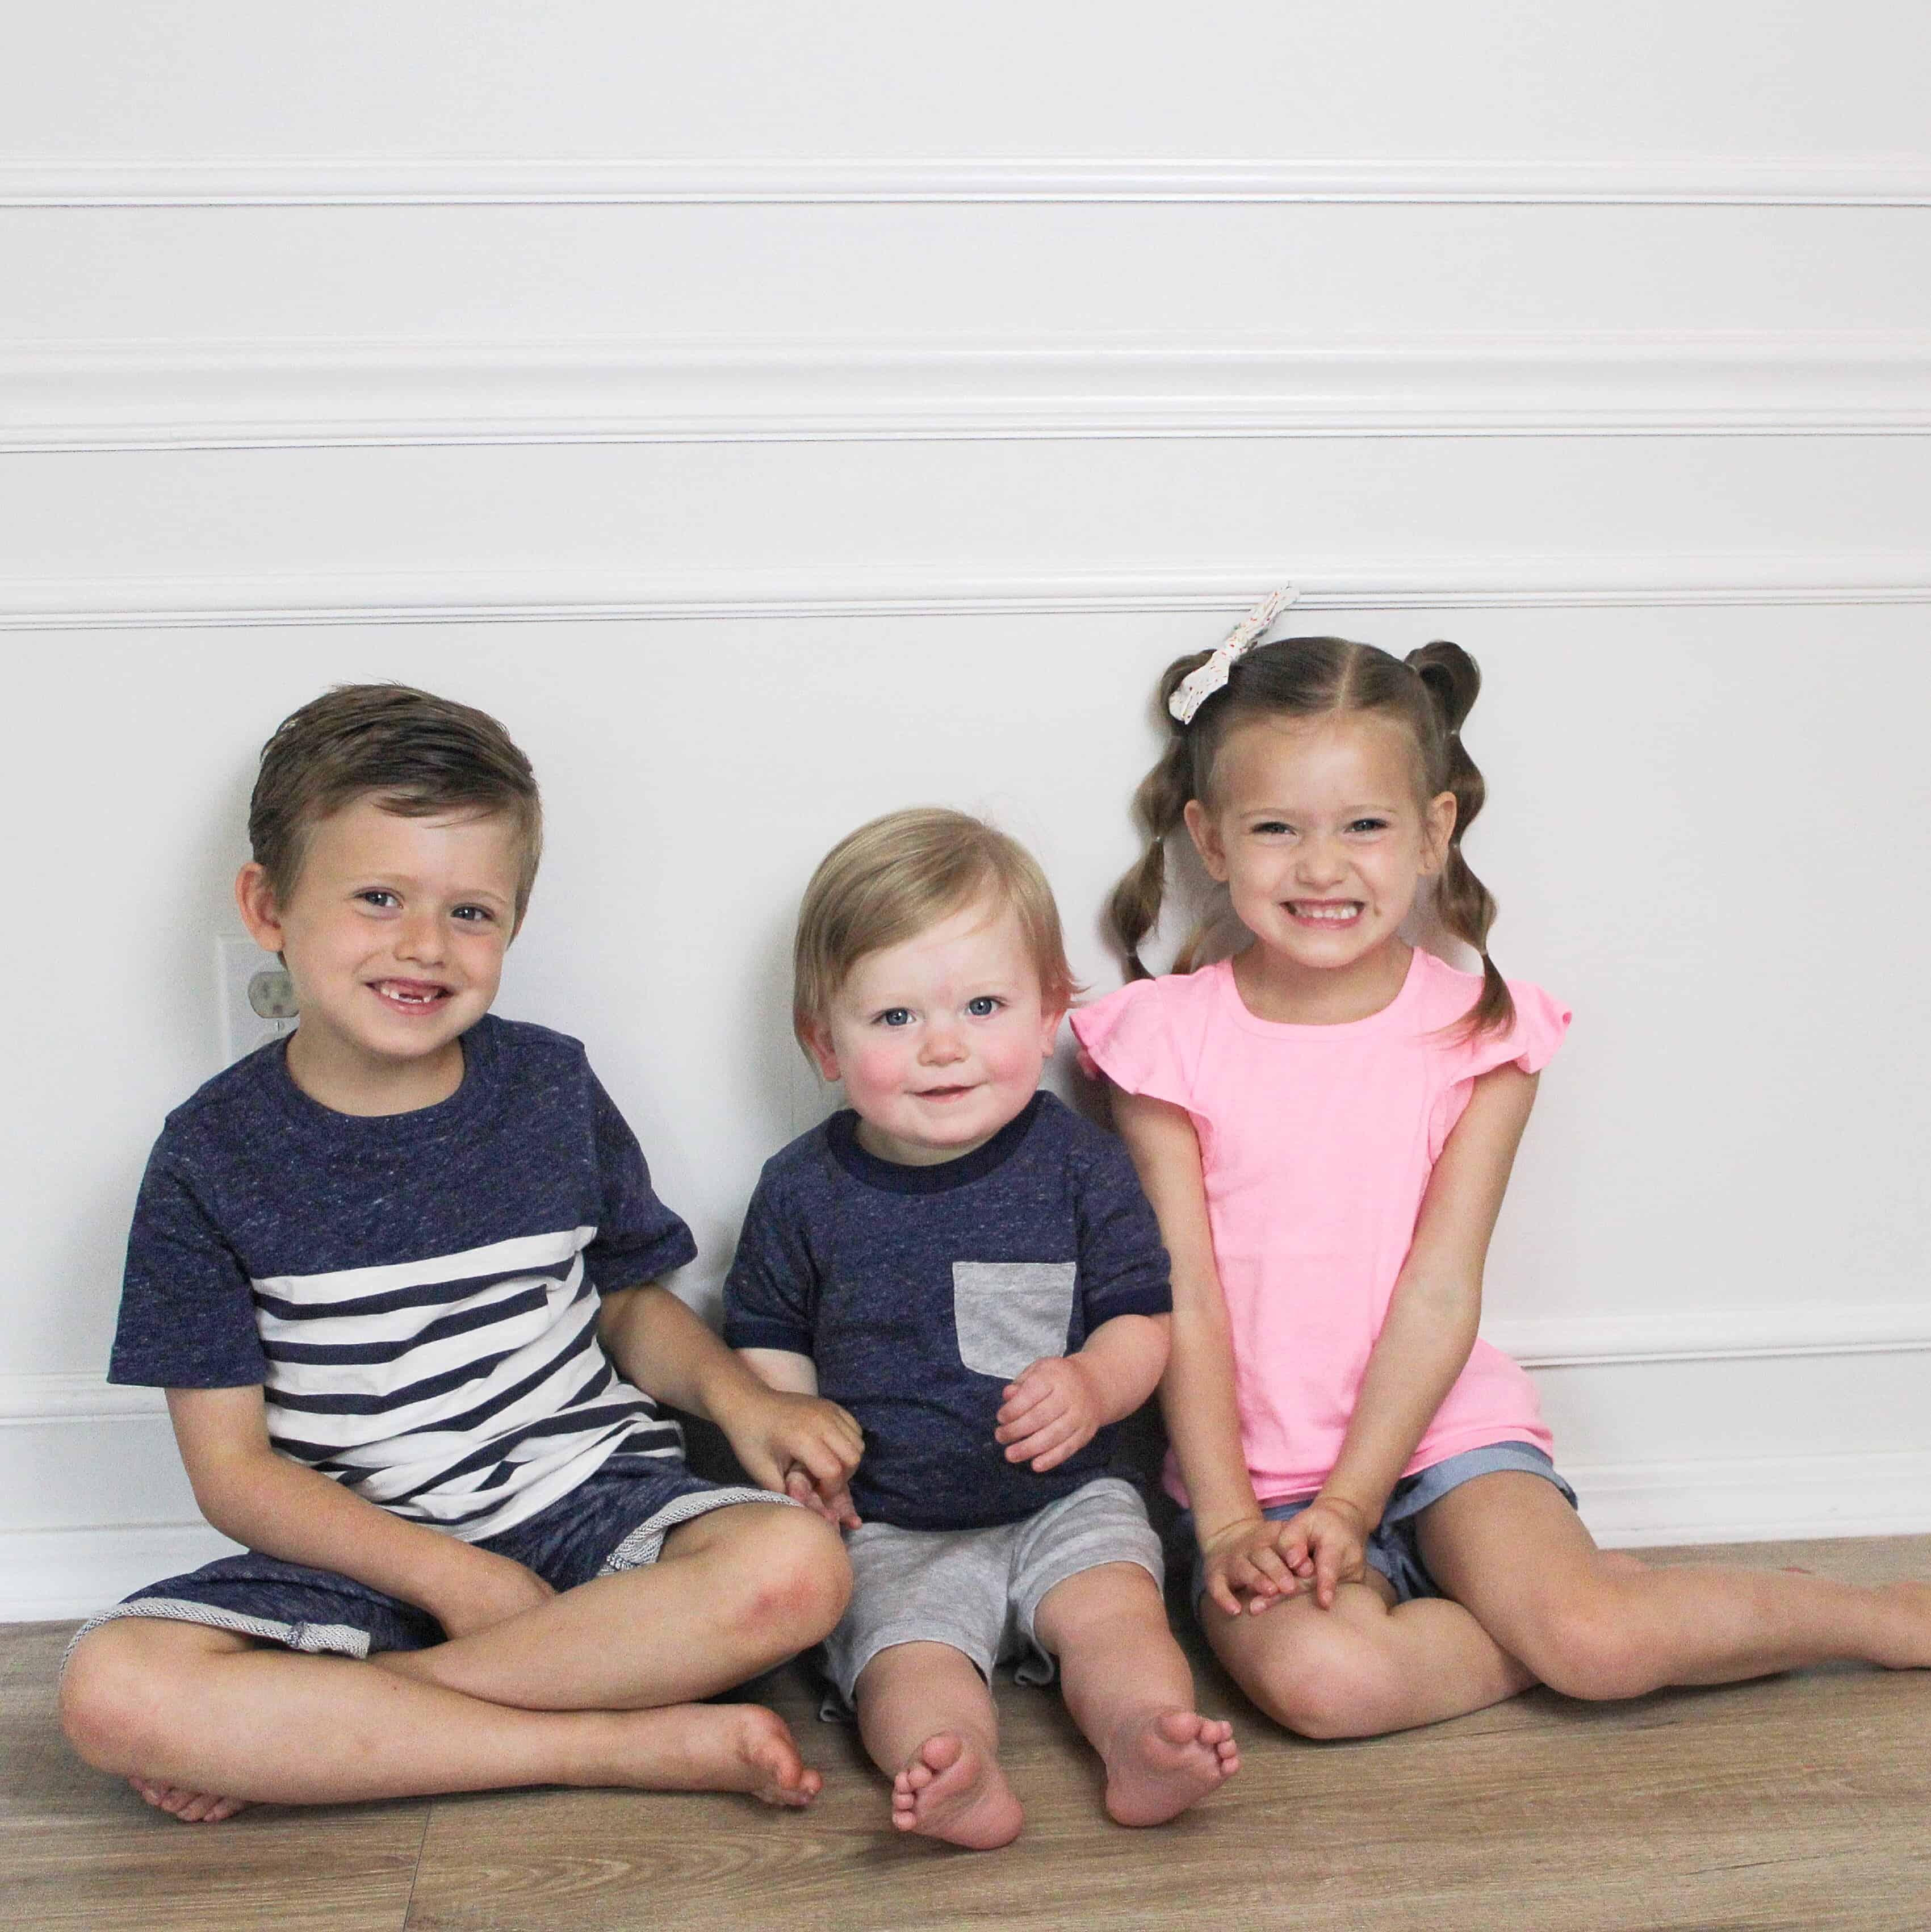 siblings in Carter's Clothing